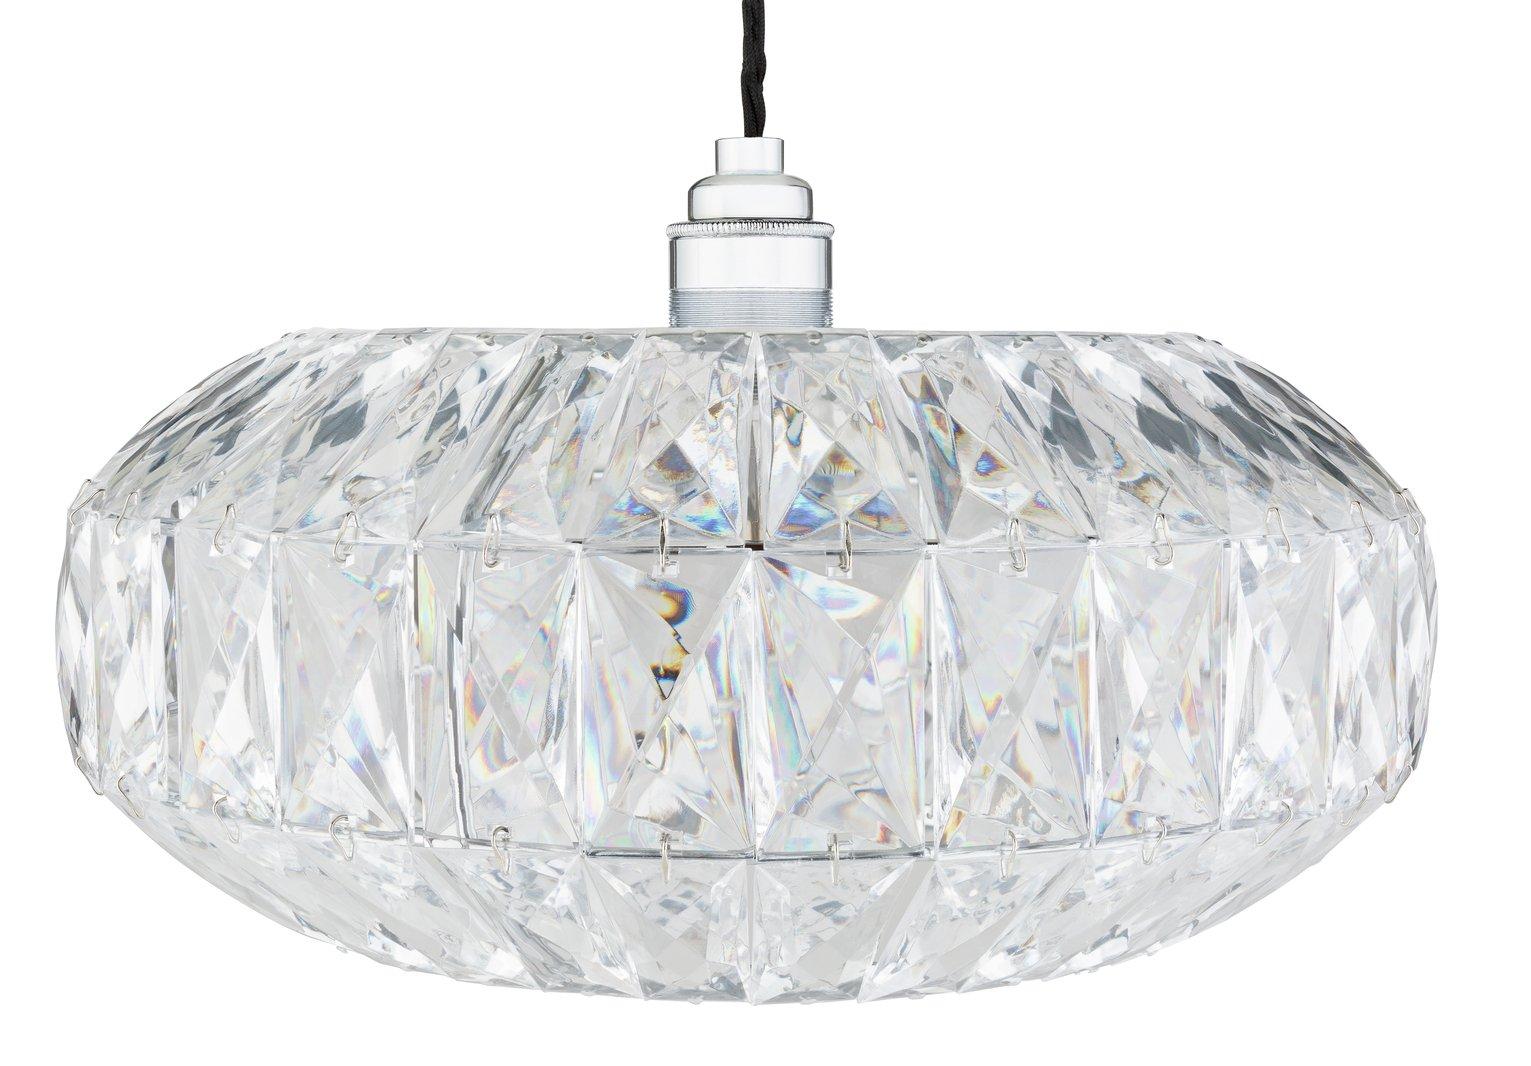 Argos Home Savannah Acrylic Ceiling Pendant Light